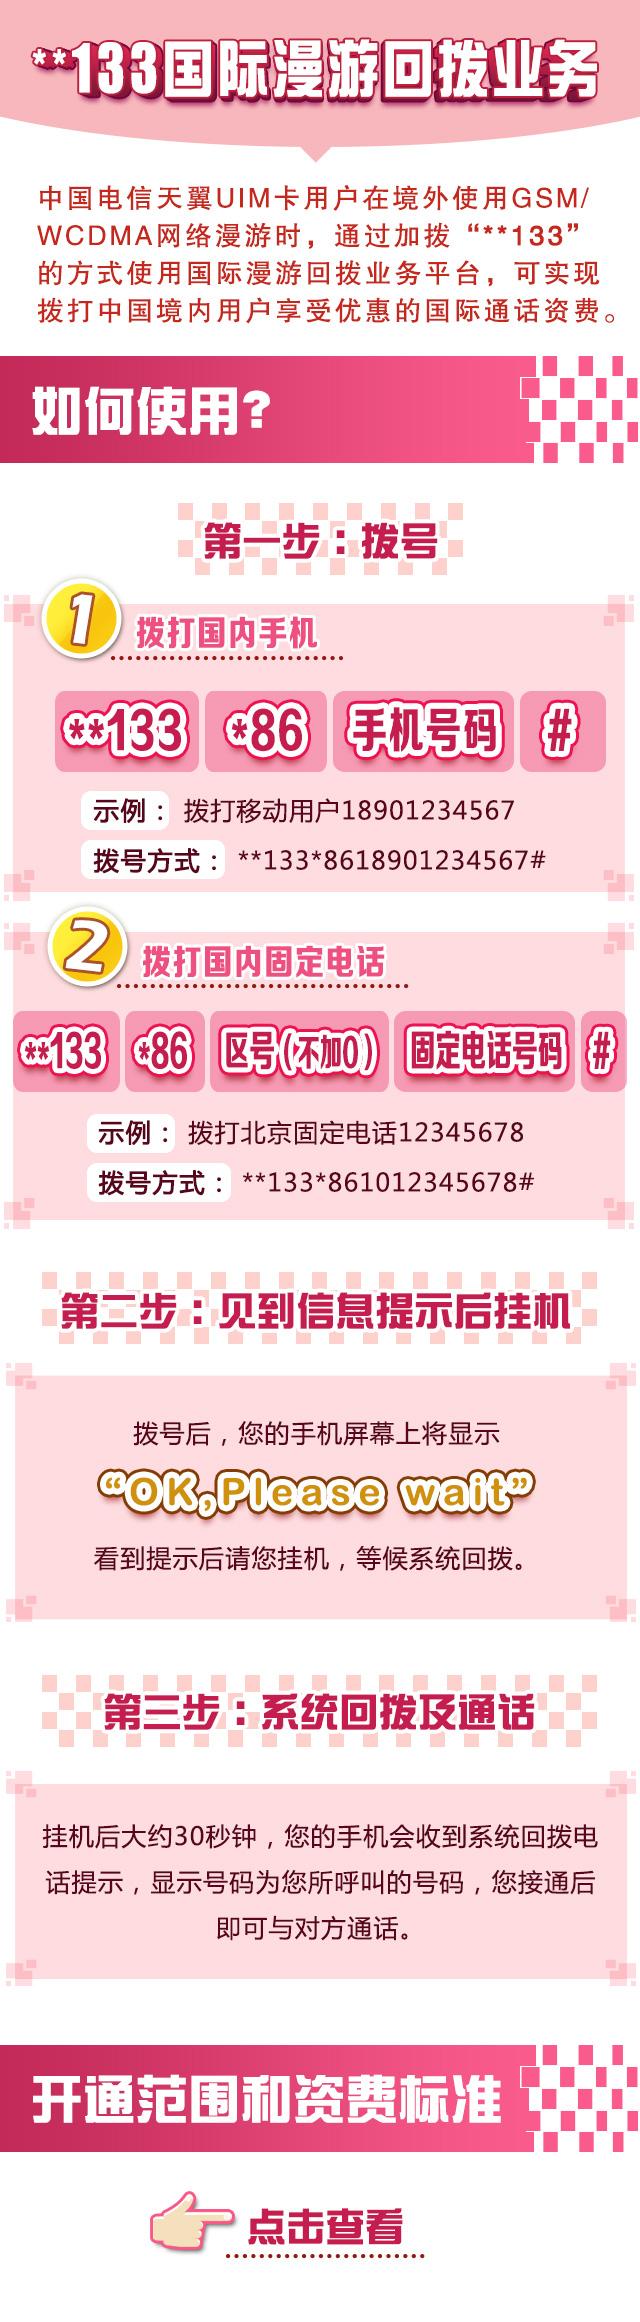 01 >> 如何使用**133国际漫游回拨业务?——中国电信国际及港澳台漫游客服